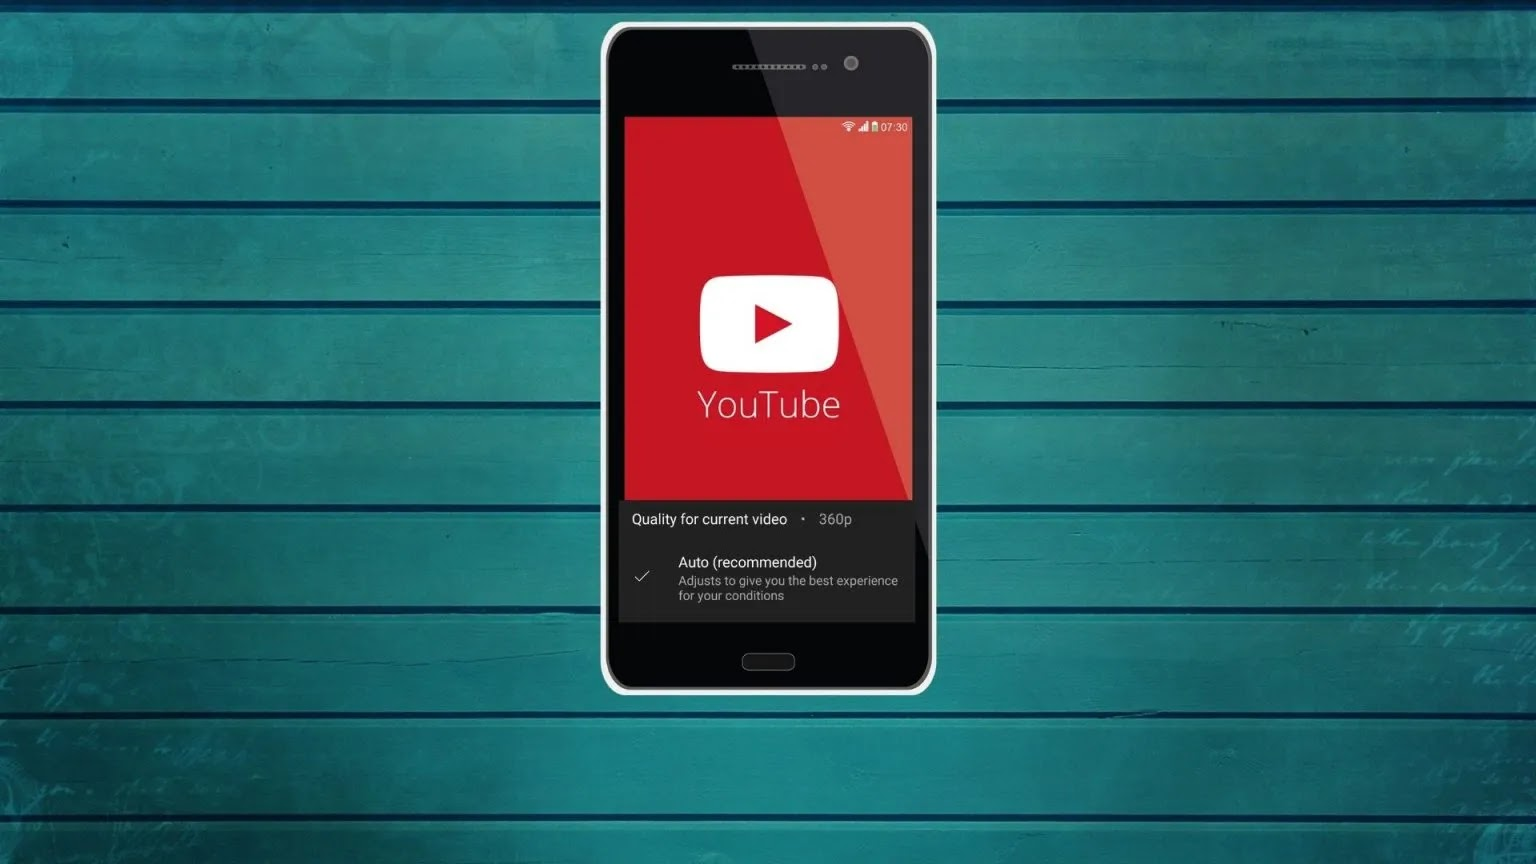 كيفية ضبط جودة فيديو YouTube تلقائيًا على الأفضل أو توفير البيانات